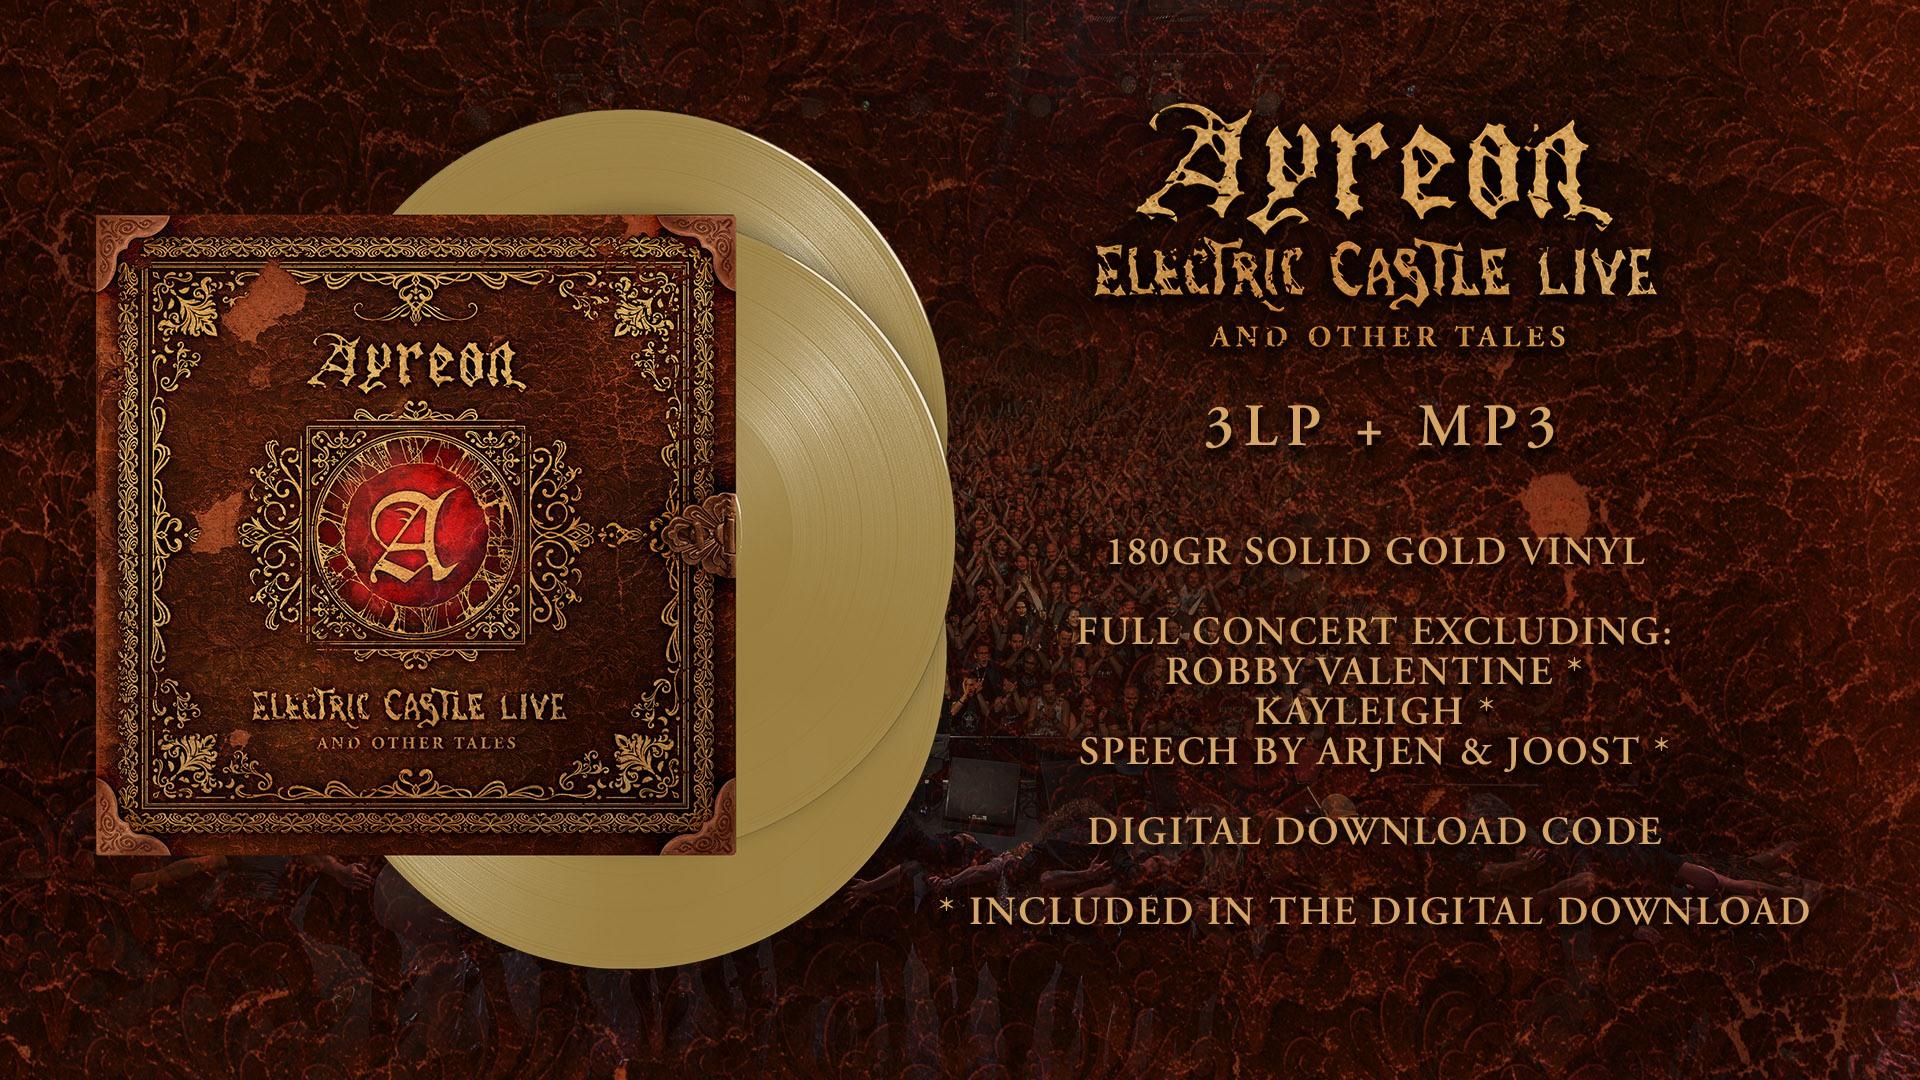 Electric Castle Live gold vinyl